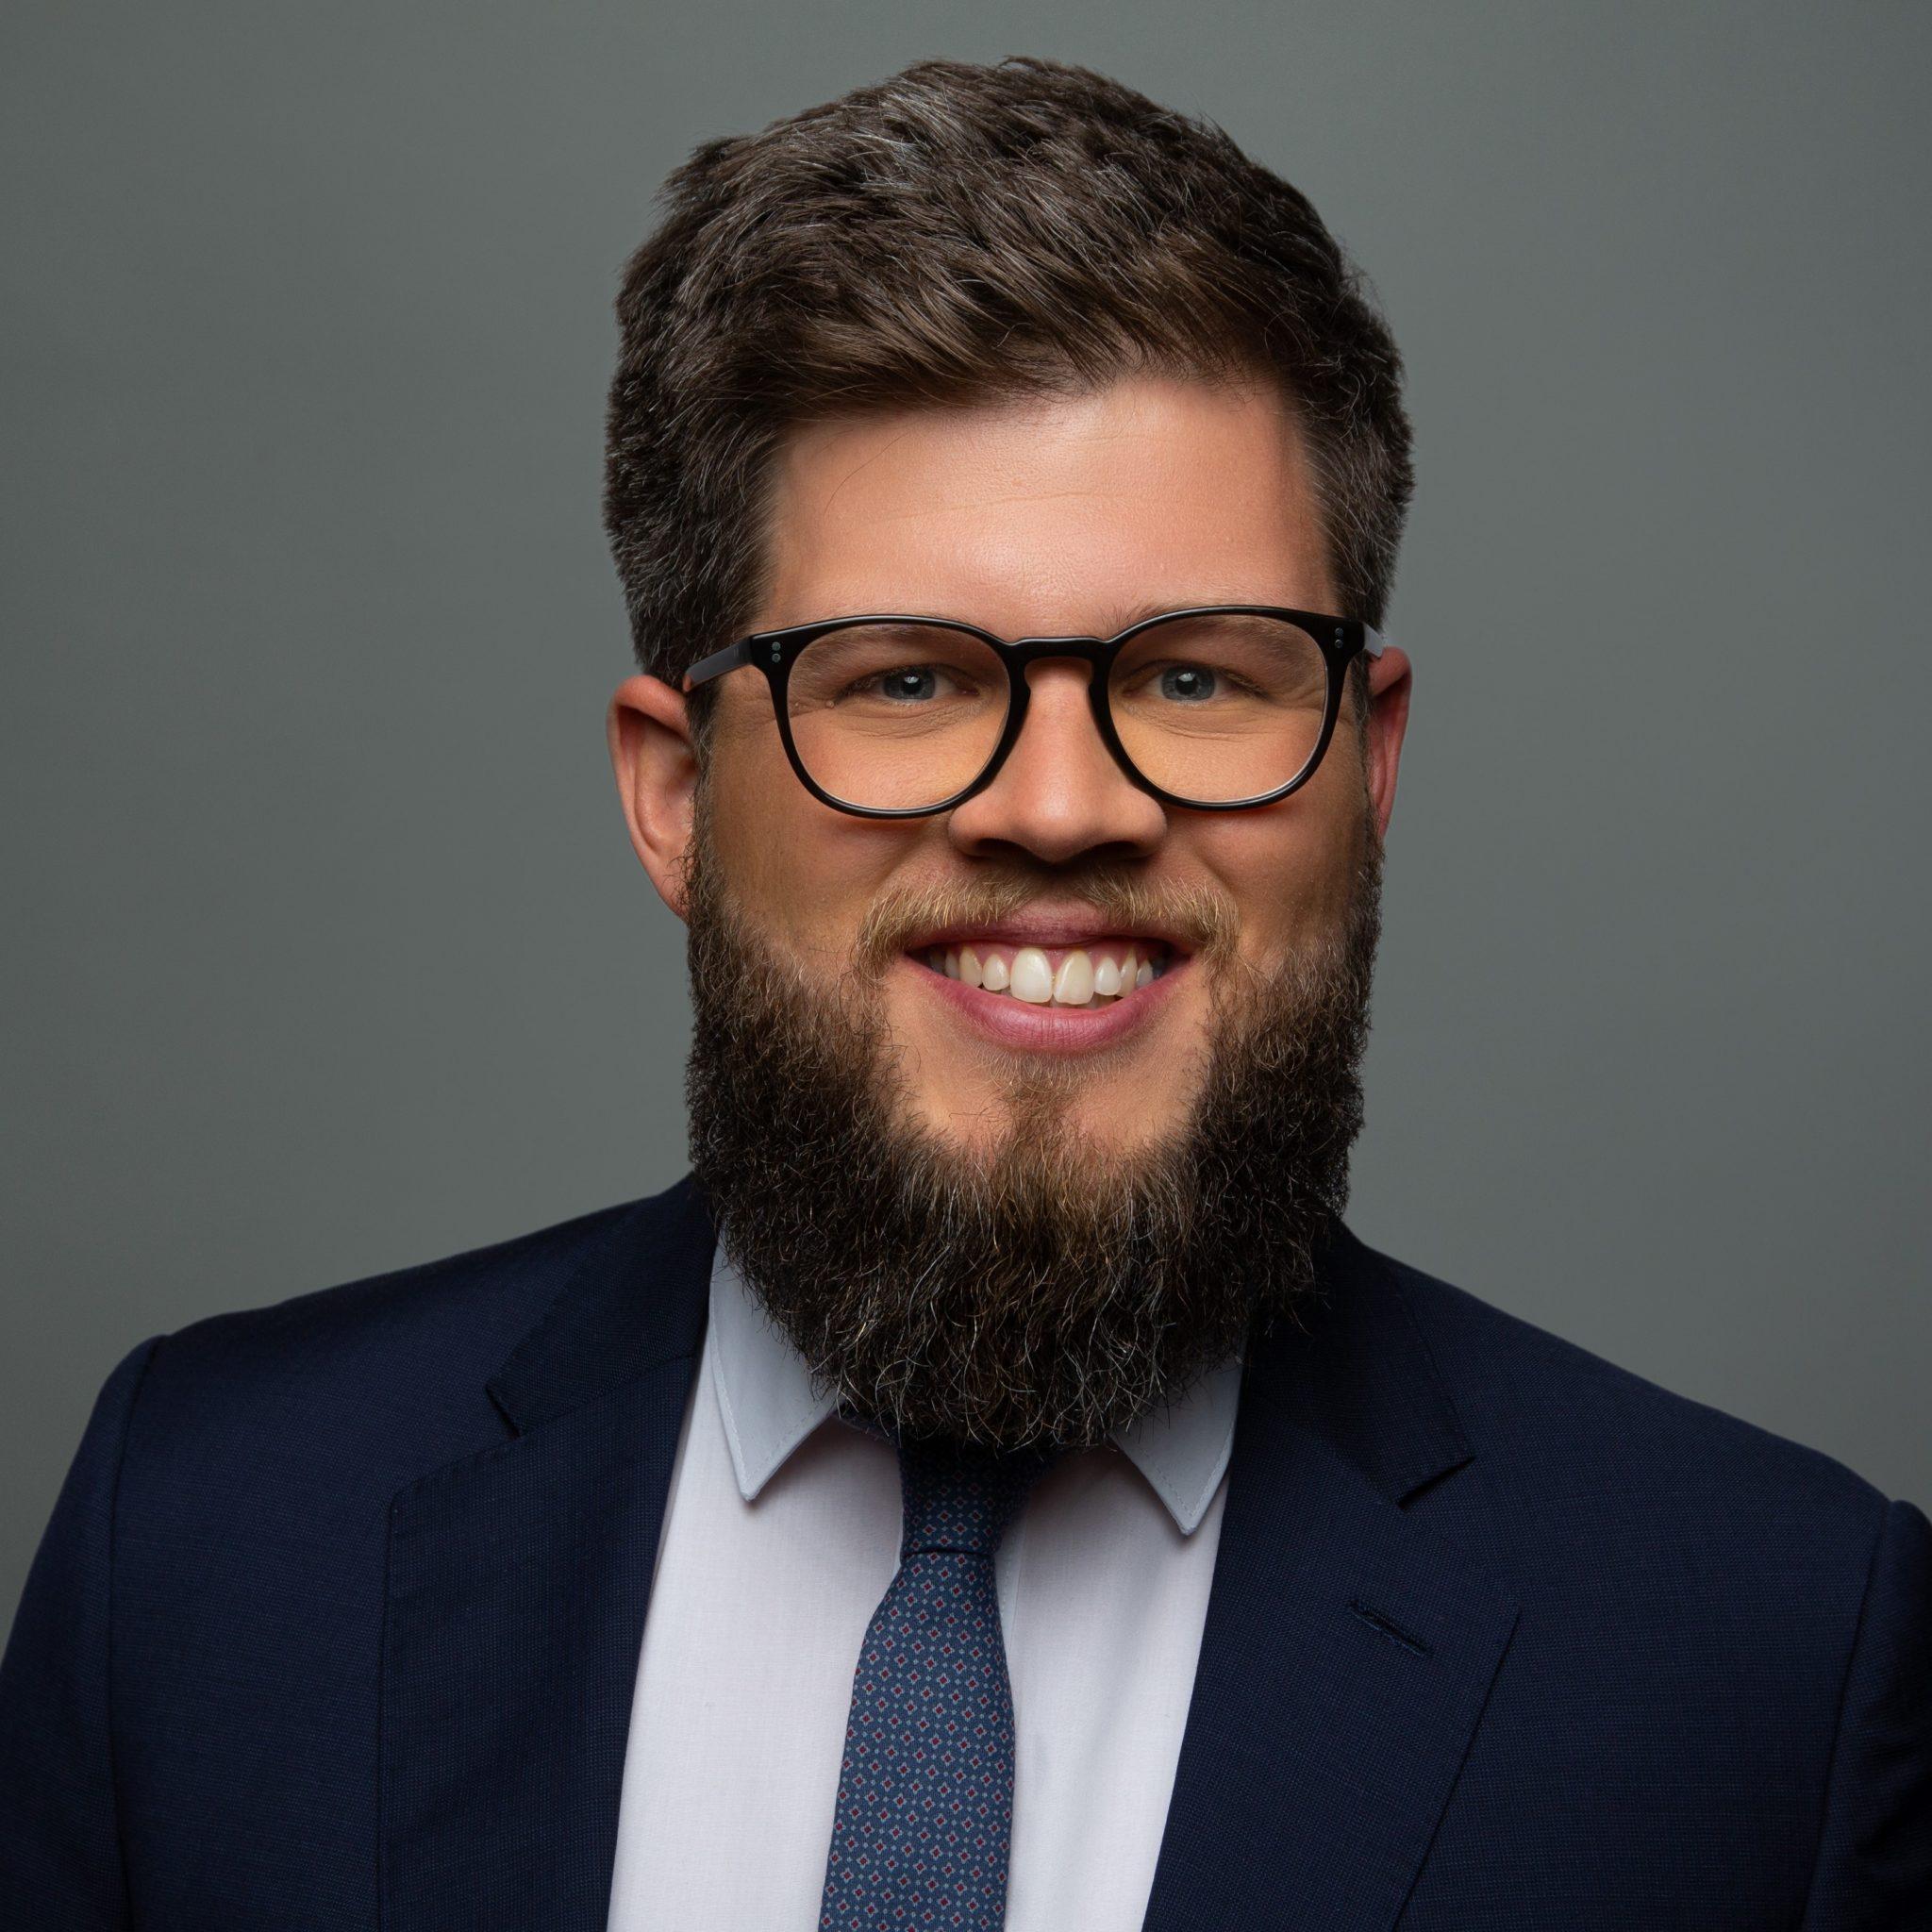 verovis André Klaaßen